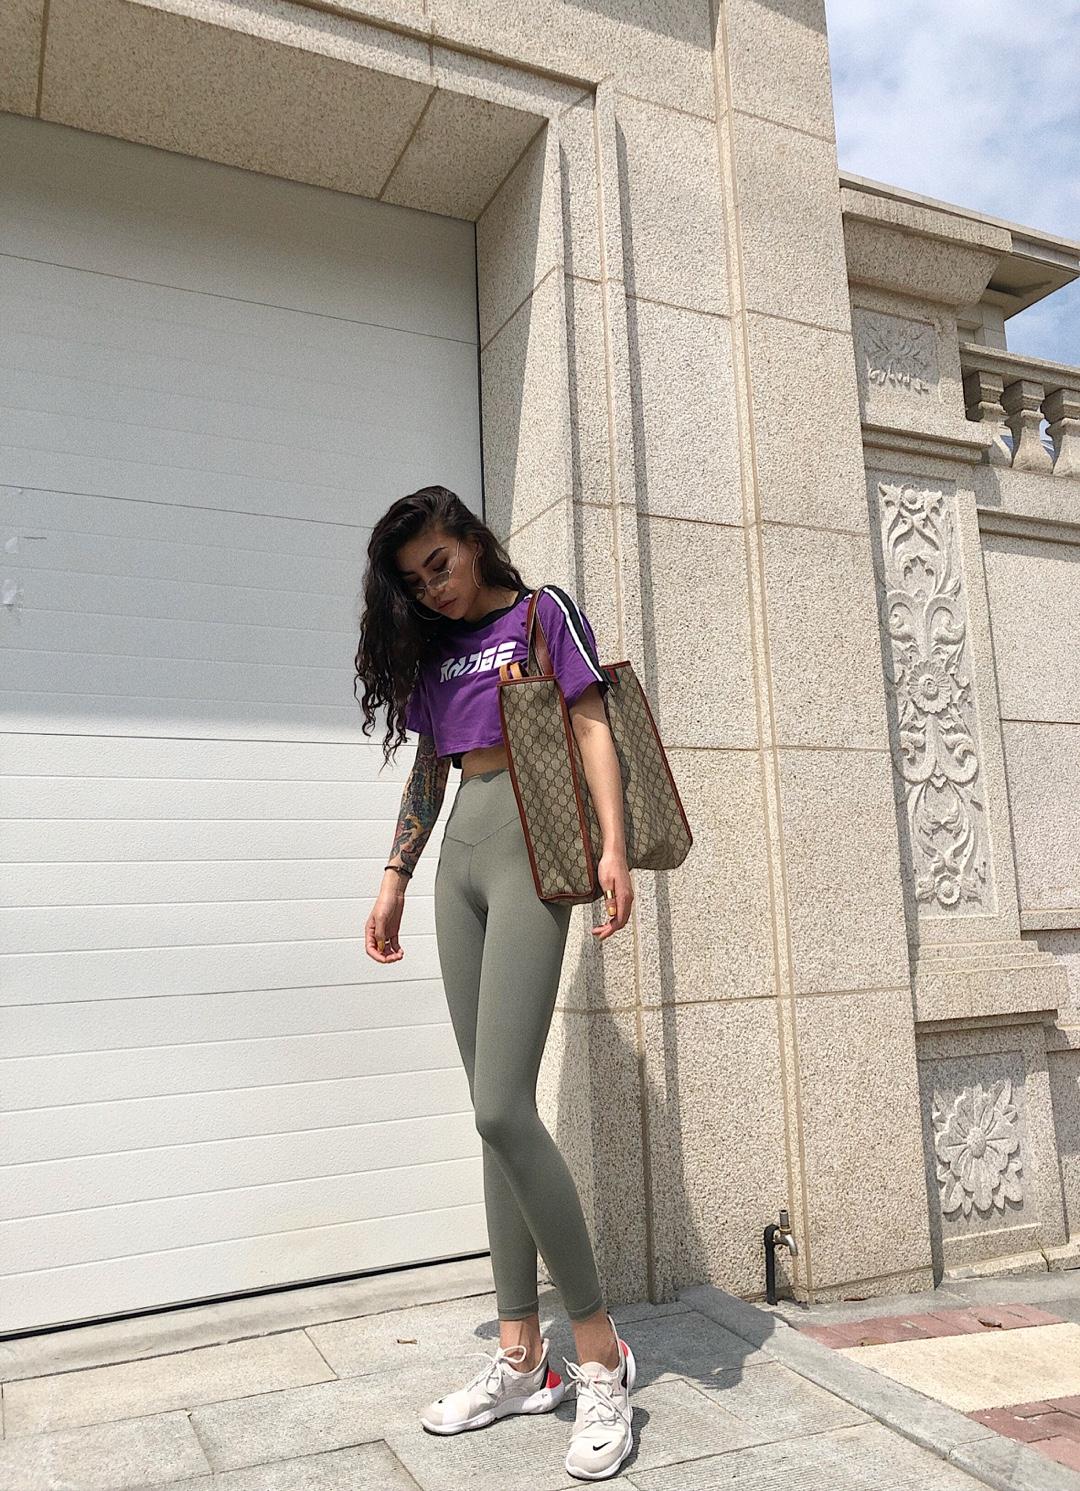 #网红款懒人套装,疯狂种草!# 这条legging 可厉害了 颜色超级正 是那种 绿的很高级的颜色 这个颜色看起来就很贵 上衣我选了一件紫色的短上衣 充分的展现了腿的比例 更大幅度的拉长了身材比例 特意背了一个大包 要不然感觉太空荡 服装太单调 配饰要来凑